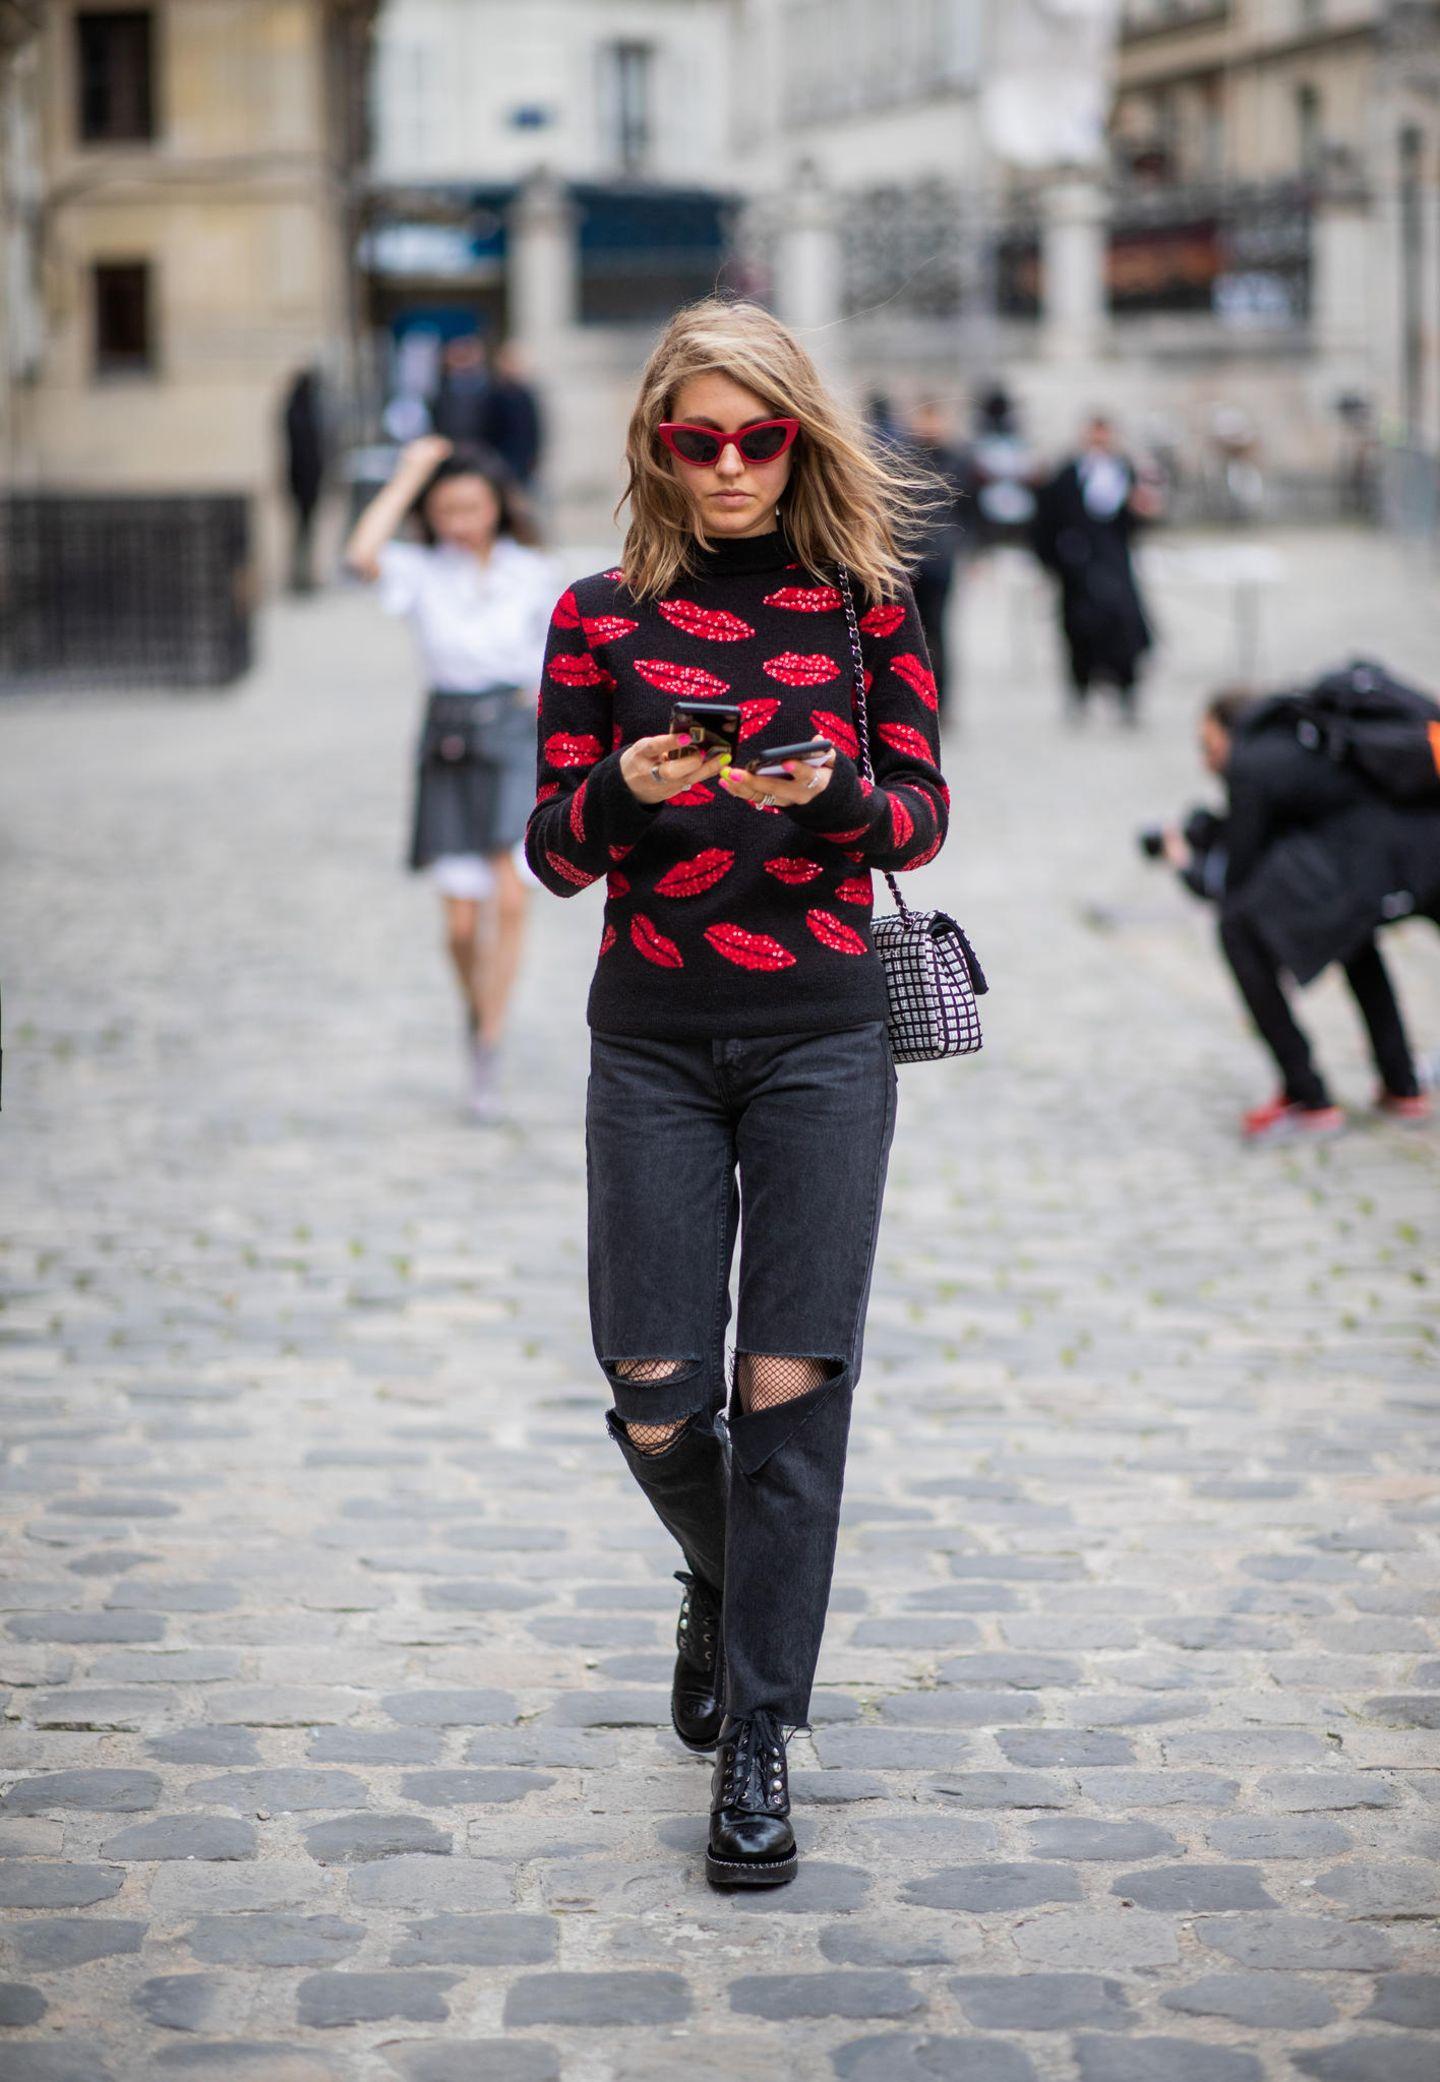 Outfits, die wir zur Arbeit tragen würden: Frau mit schwarzer Jeans und Pullover mit Kussmund